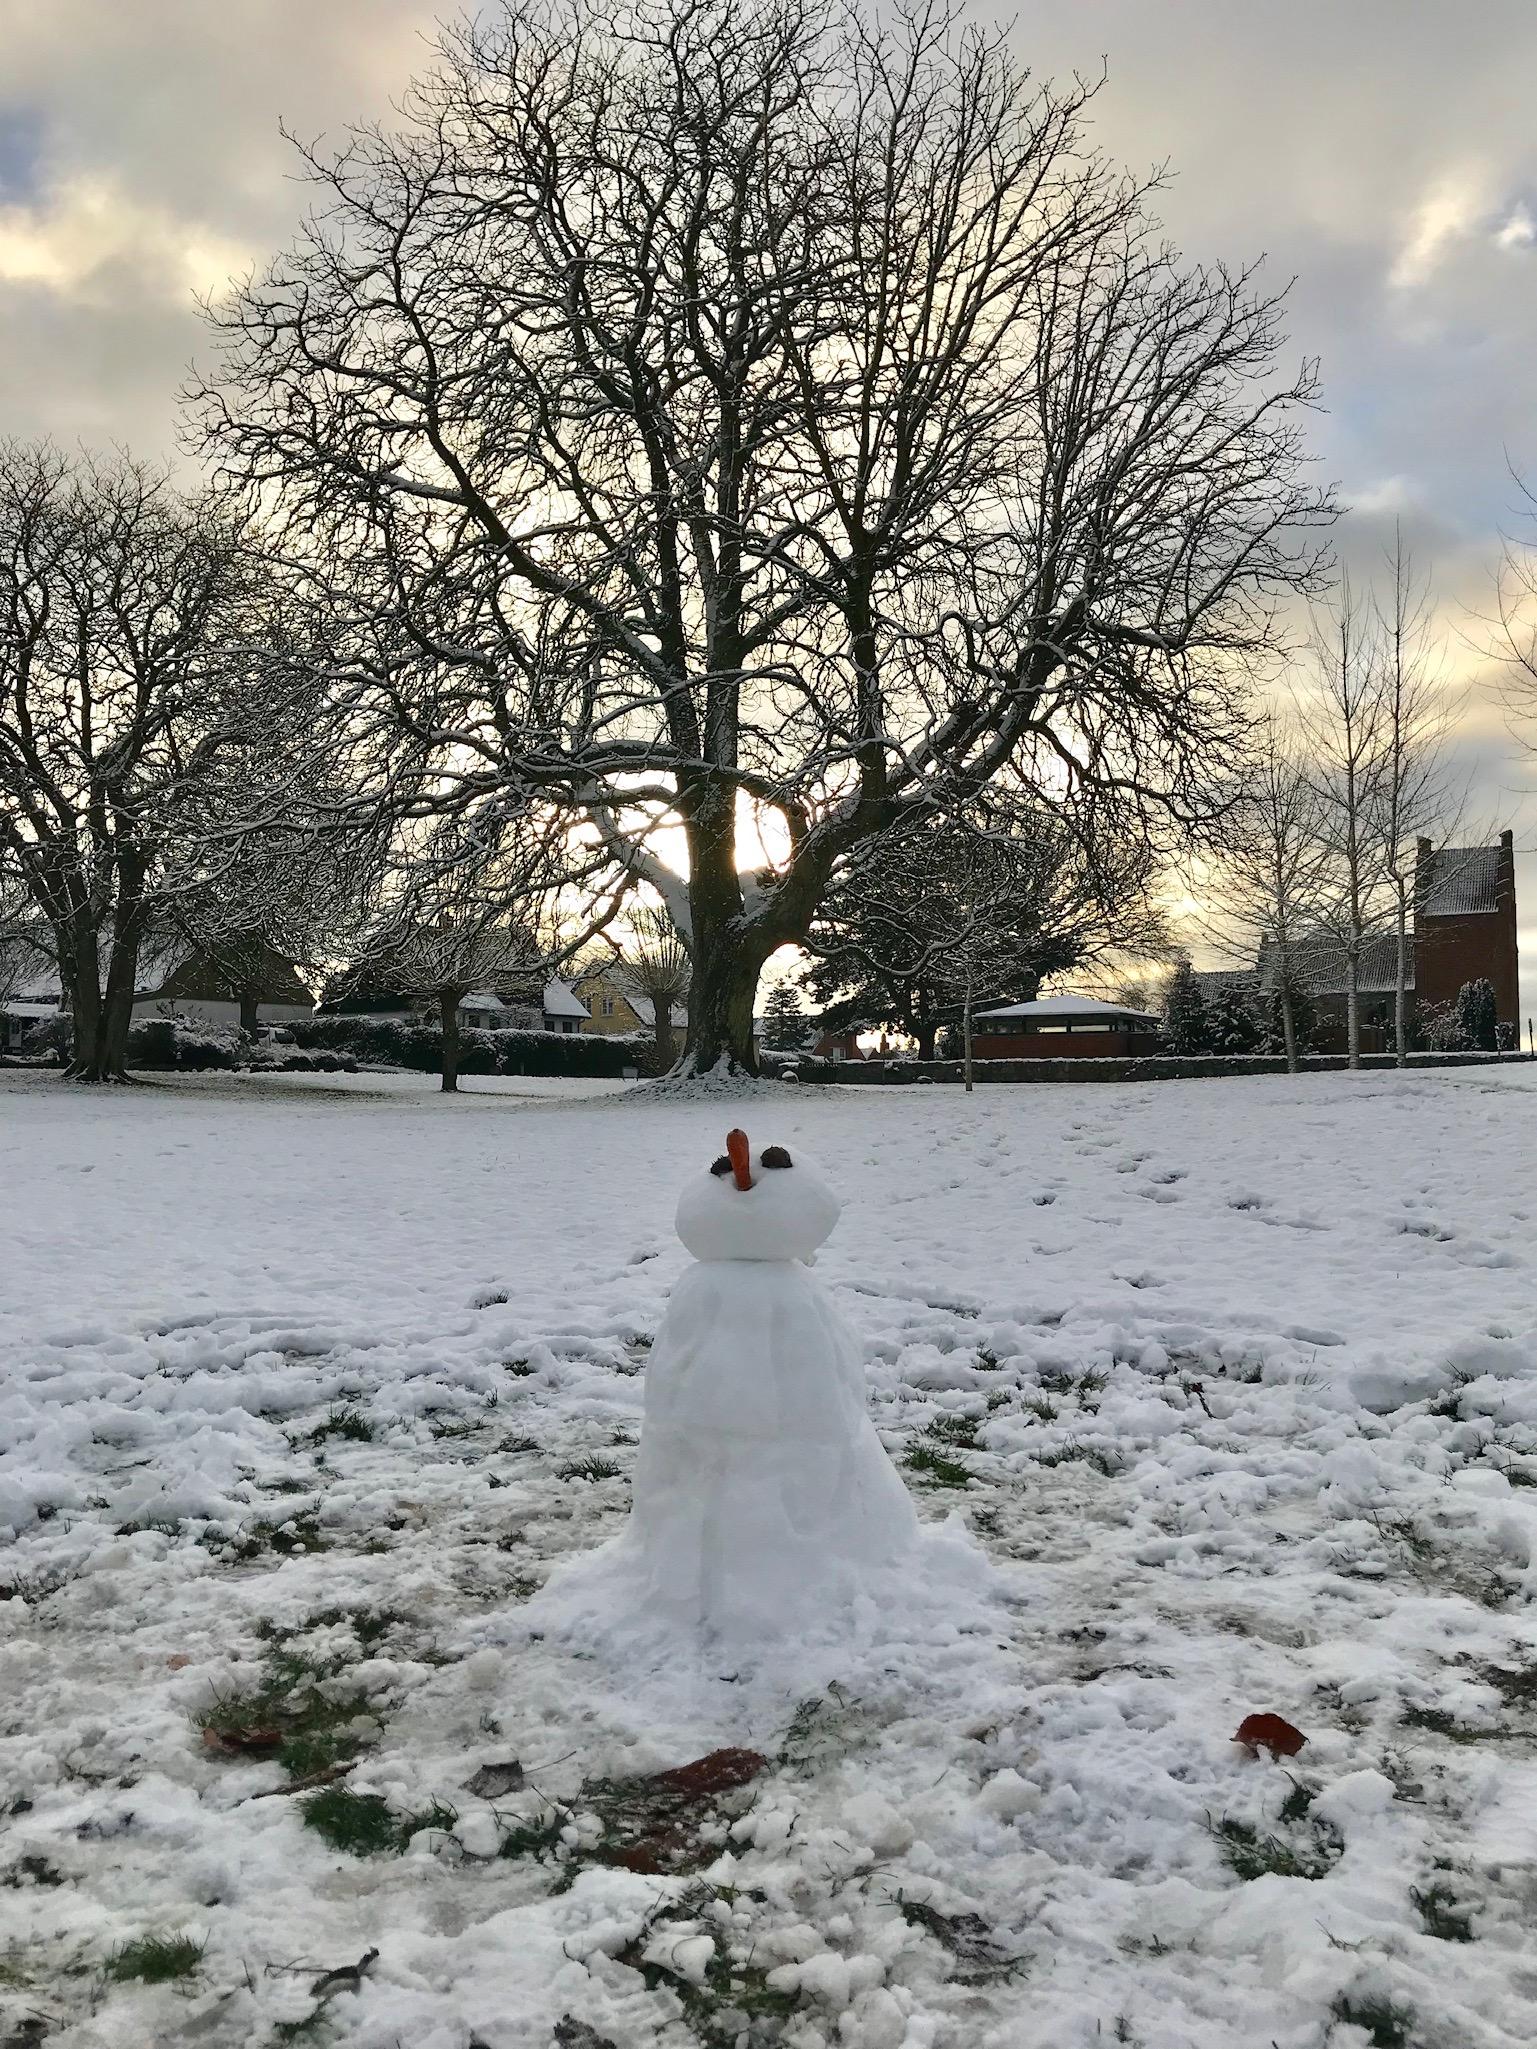 Snemanden holdt til i dag - og holder måske flere dage. Alle fotos er taget i dag - juleaftensdag - og indsendt af Sabrina Cornic